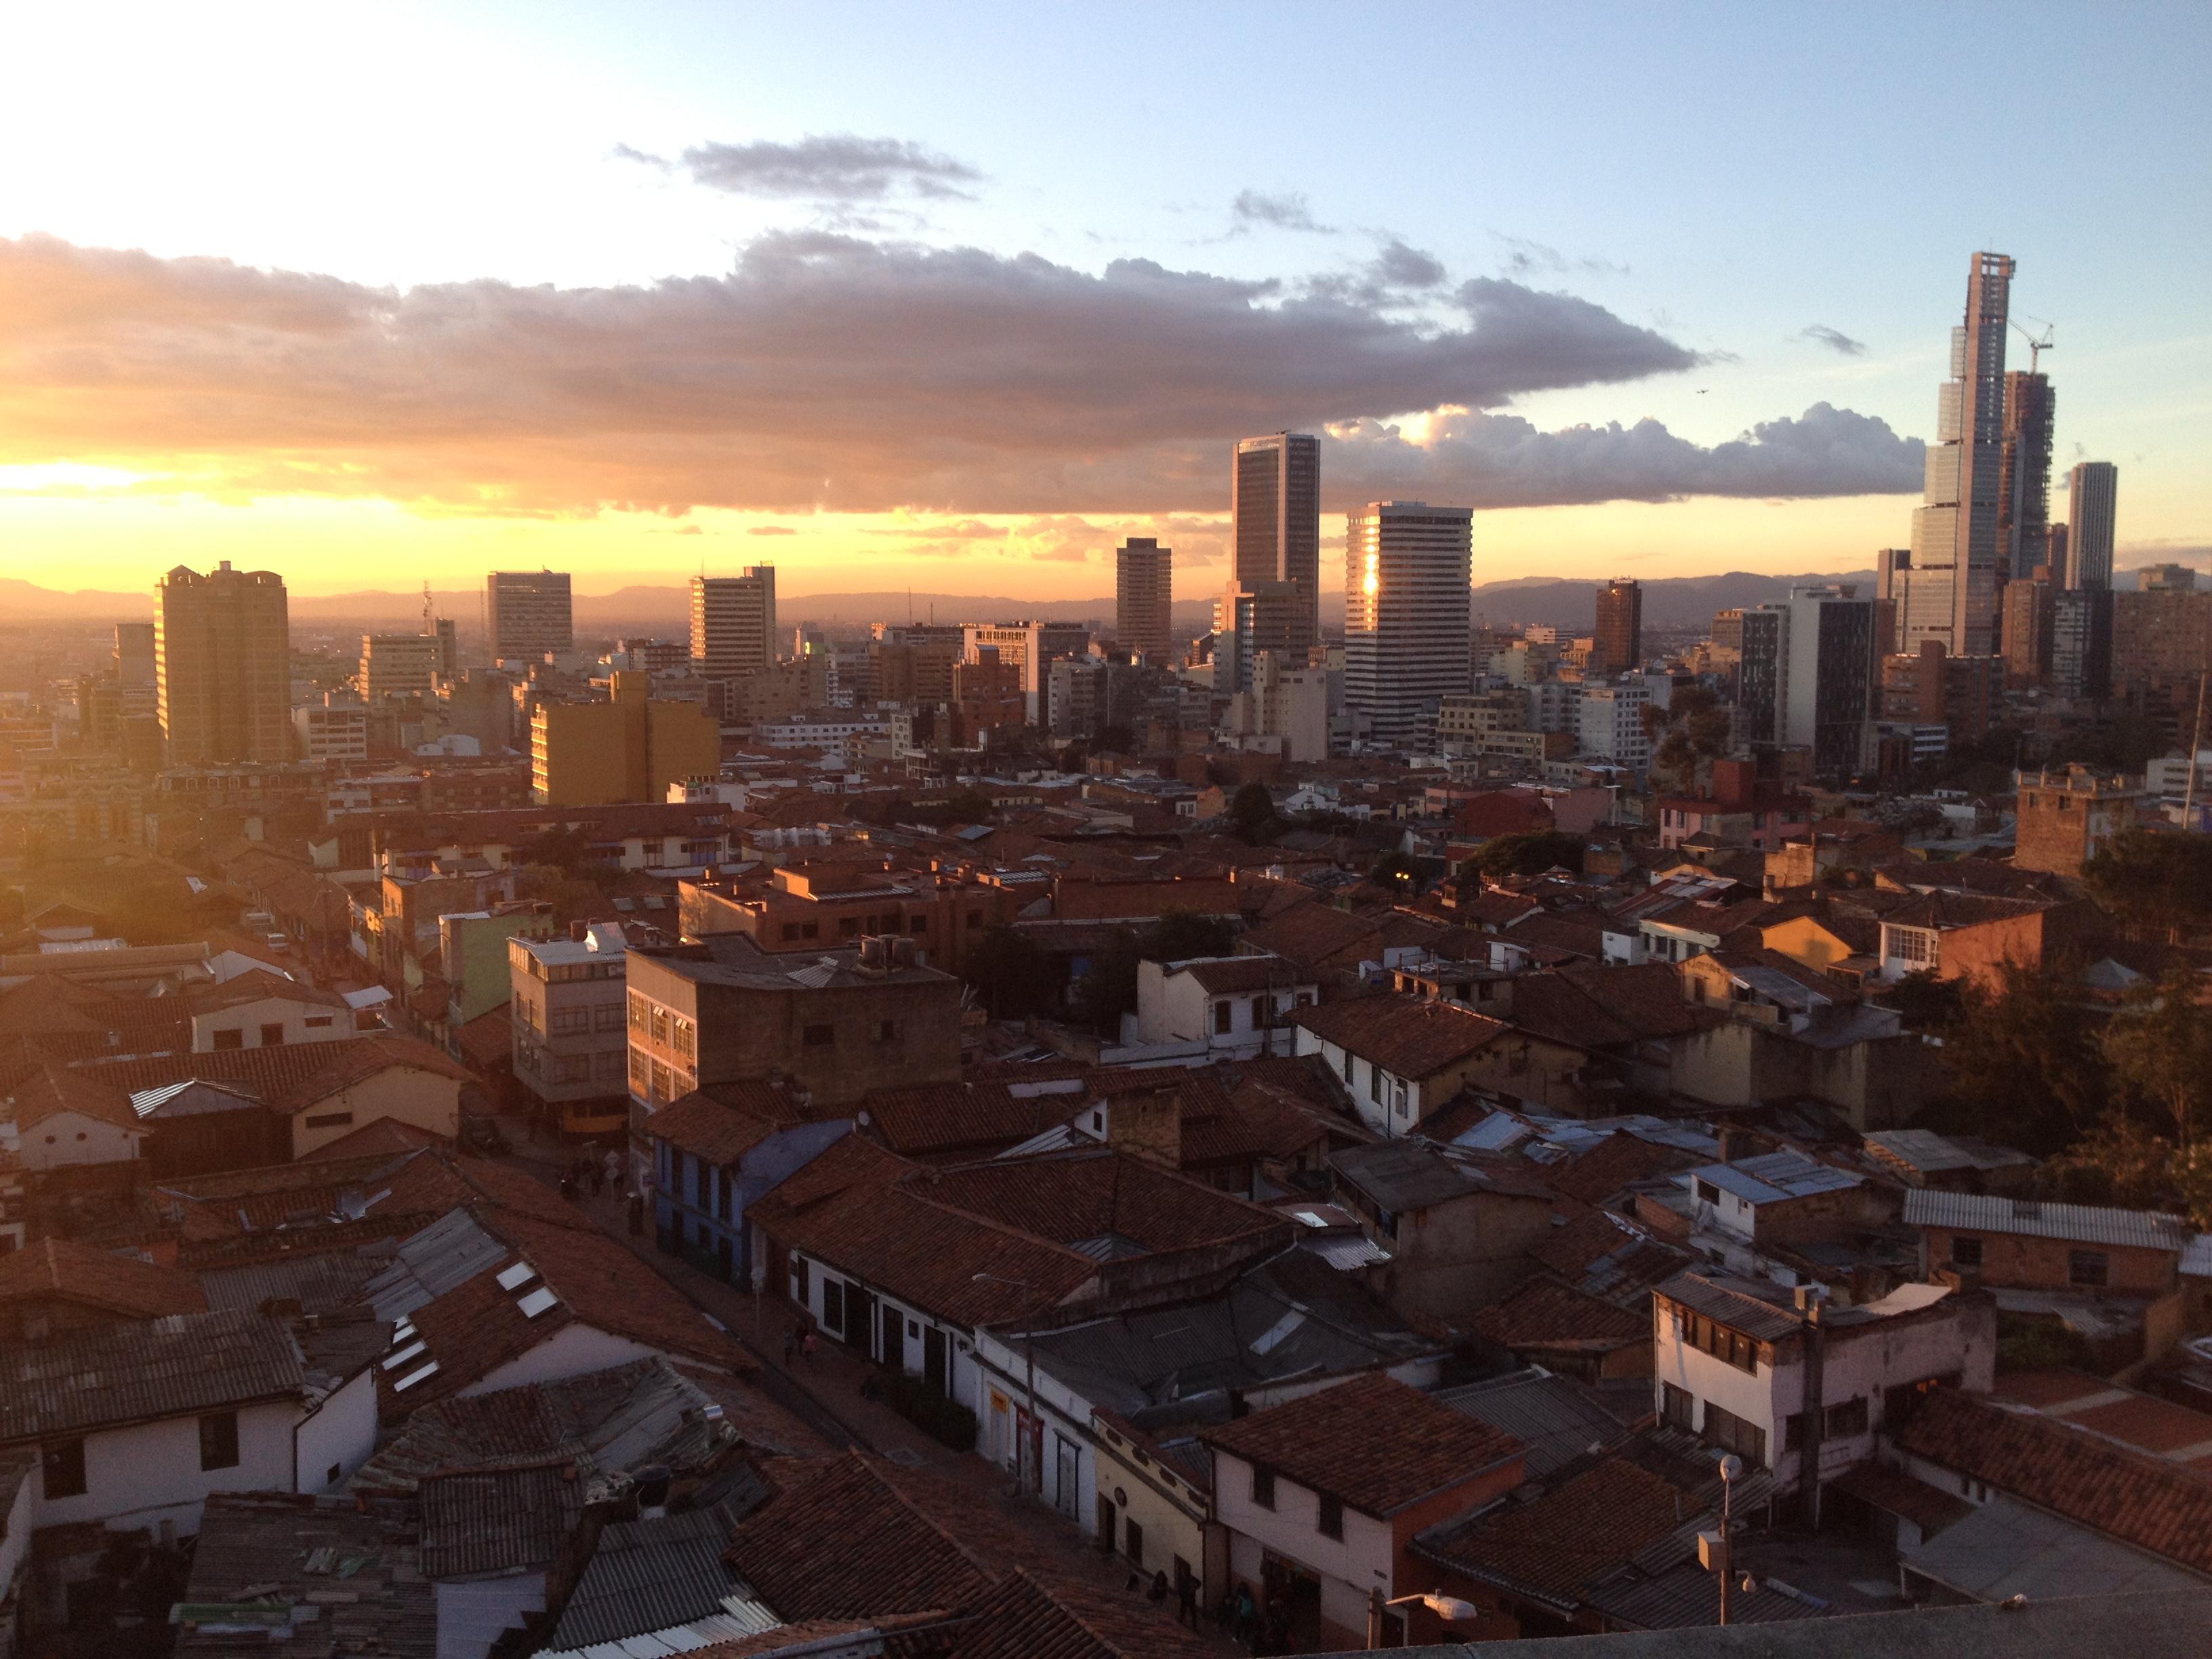 Les toits de la Candelaria, Bogota, Colombie